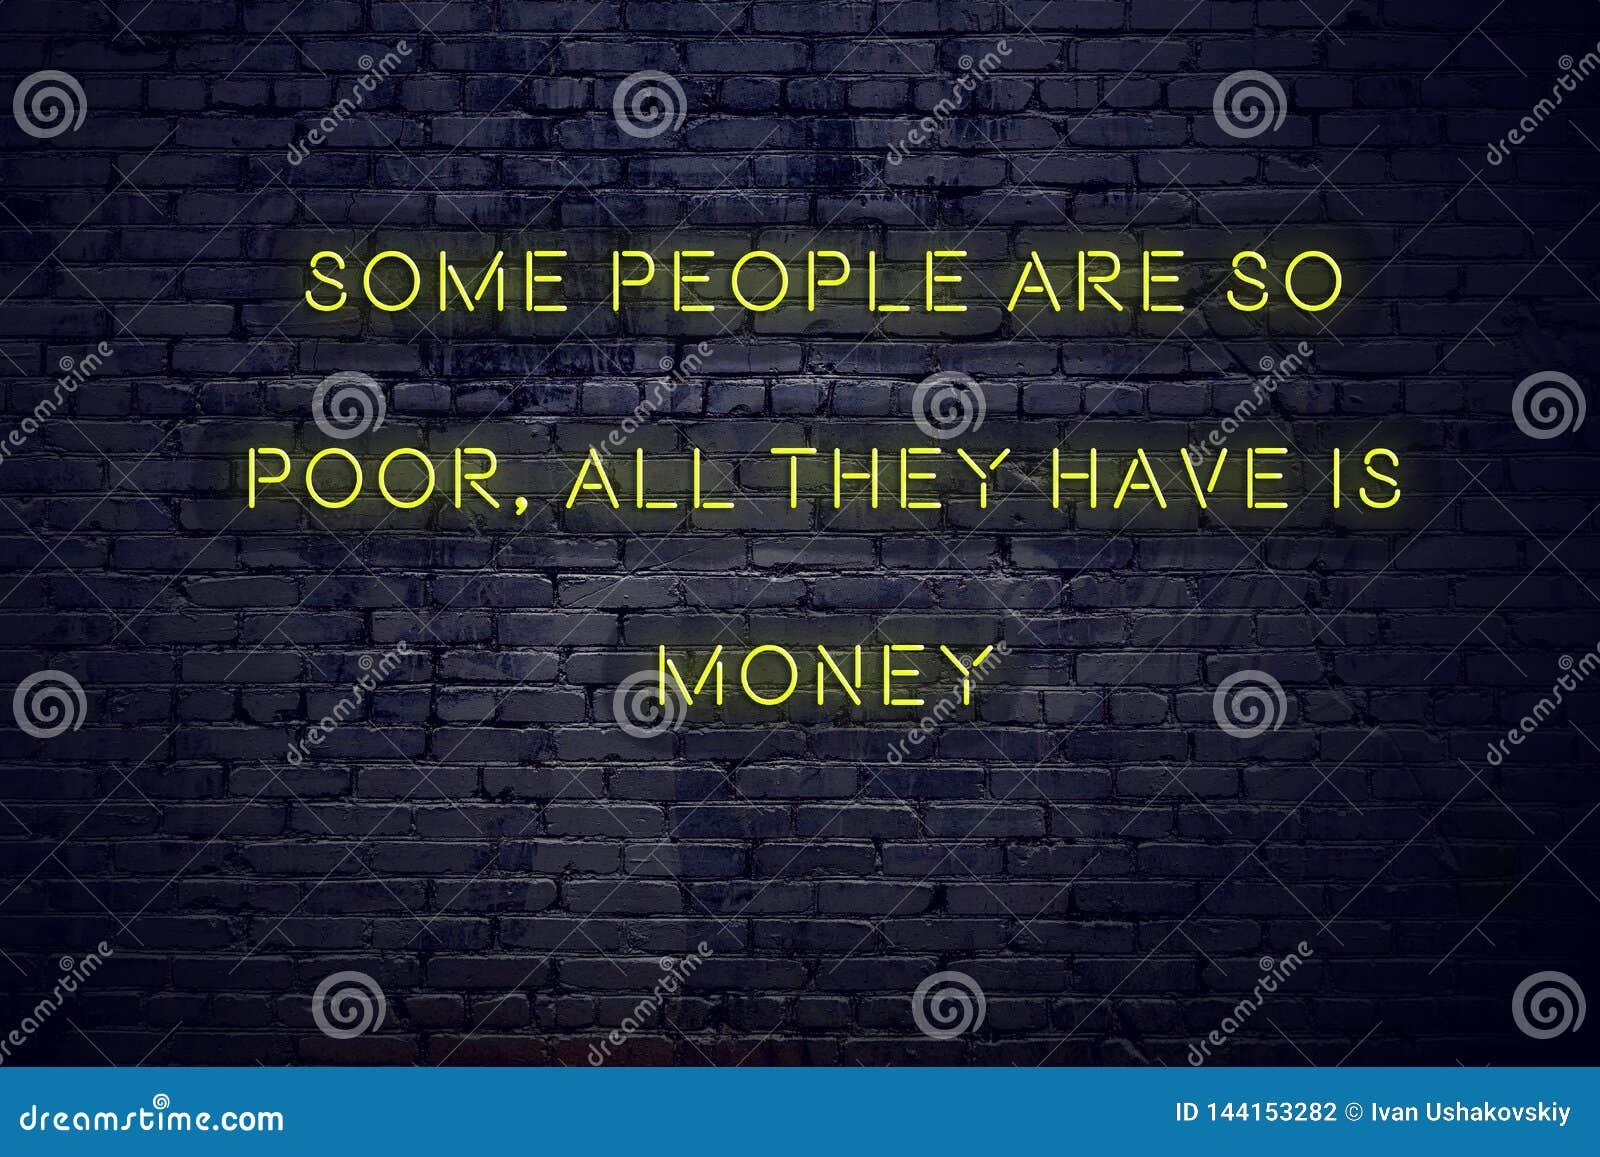 La citation de inspiration positive sur l enseigne au néon contre le mur de briques certains sont si pauvre tous qu ils ont est a